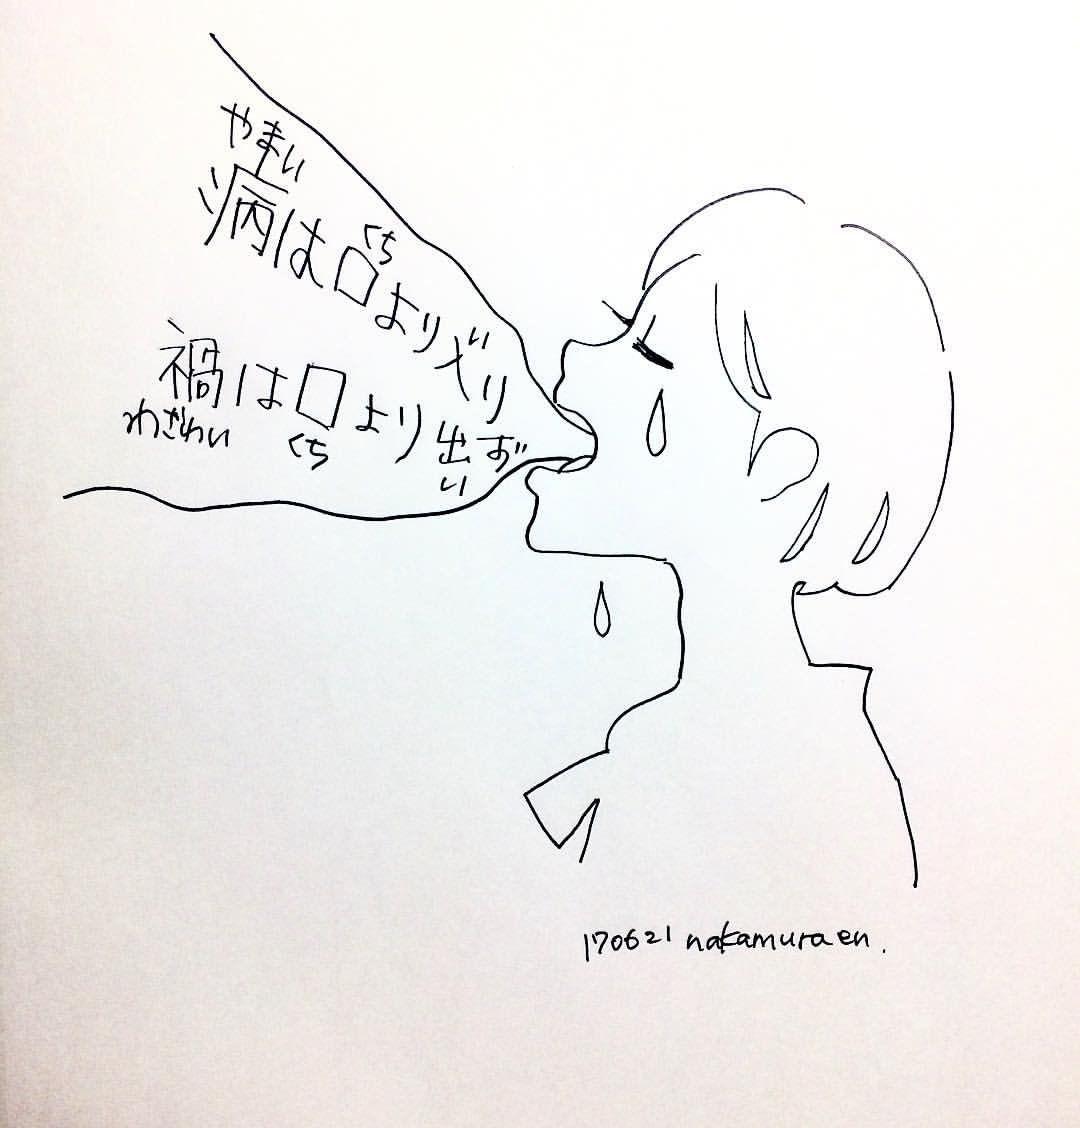 病は口より入り禍は口より出ずしゃべる職業は大変だ Art Artist